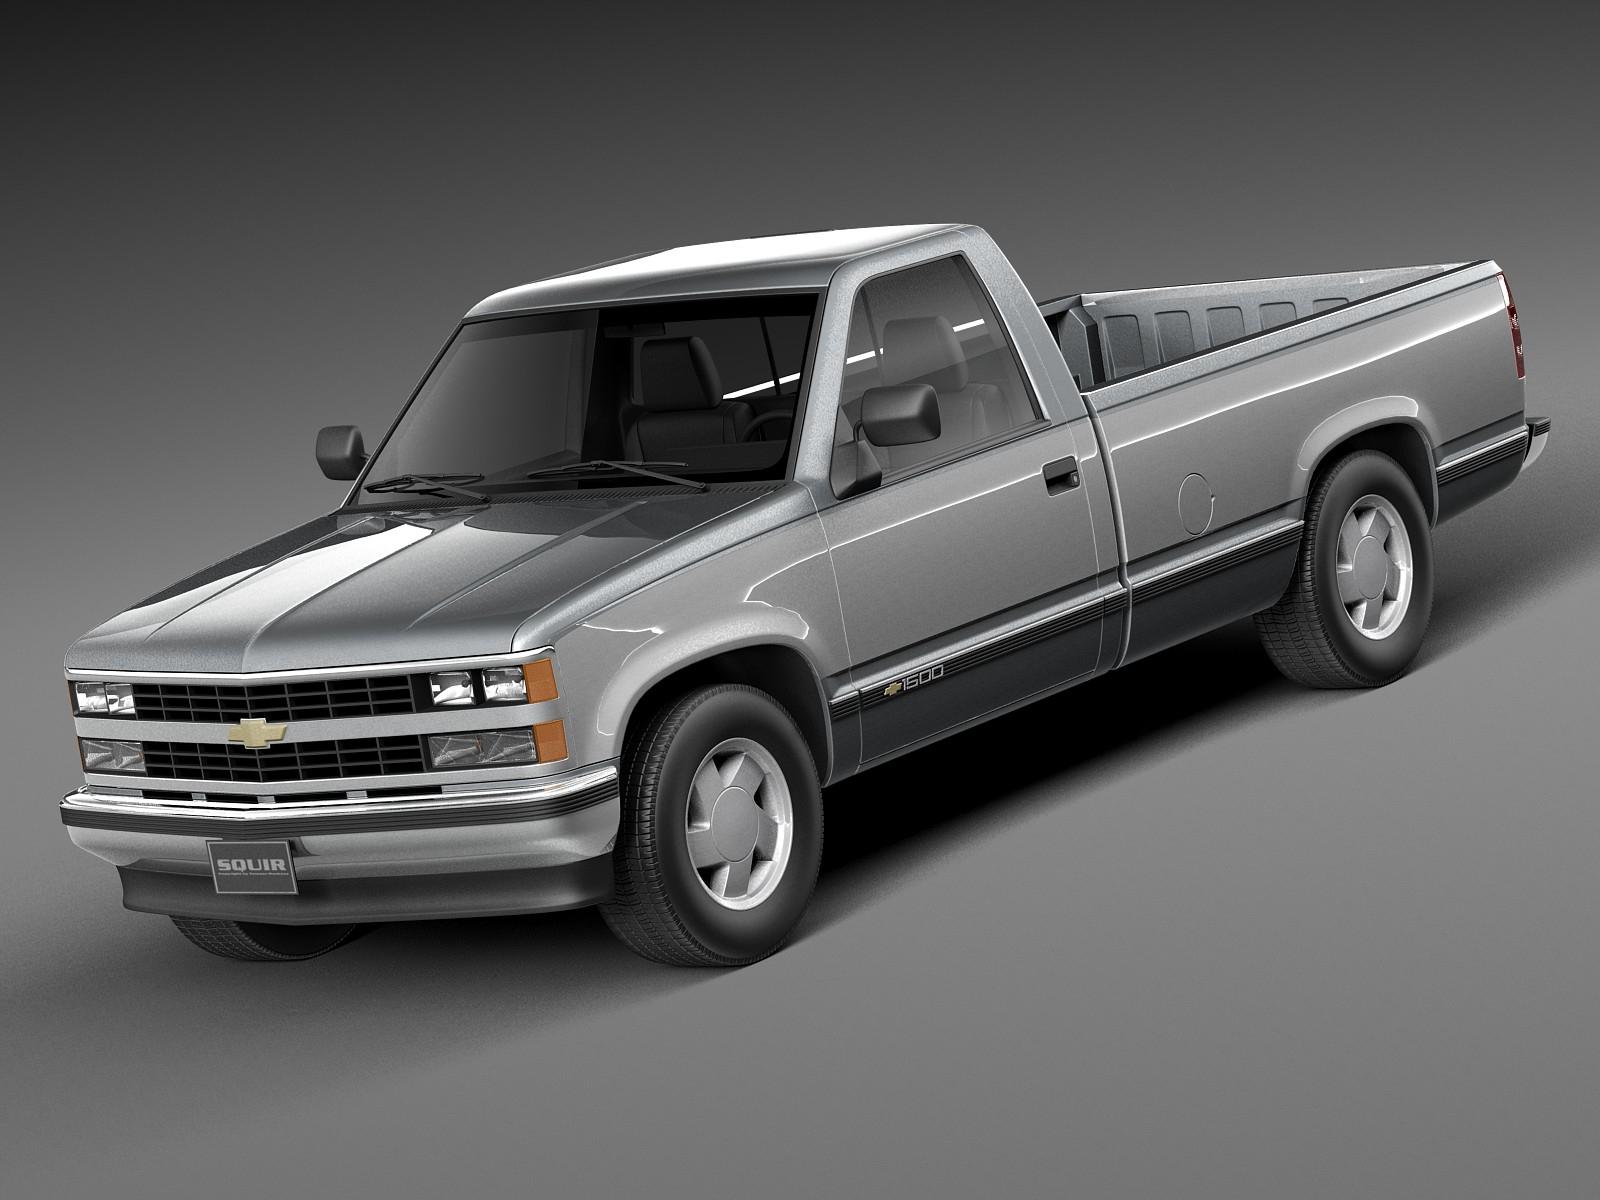 1999 Chevrolet Silverado >> Chevrolet Silverado C1500 Regular Cab 1988 1999